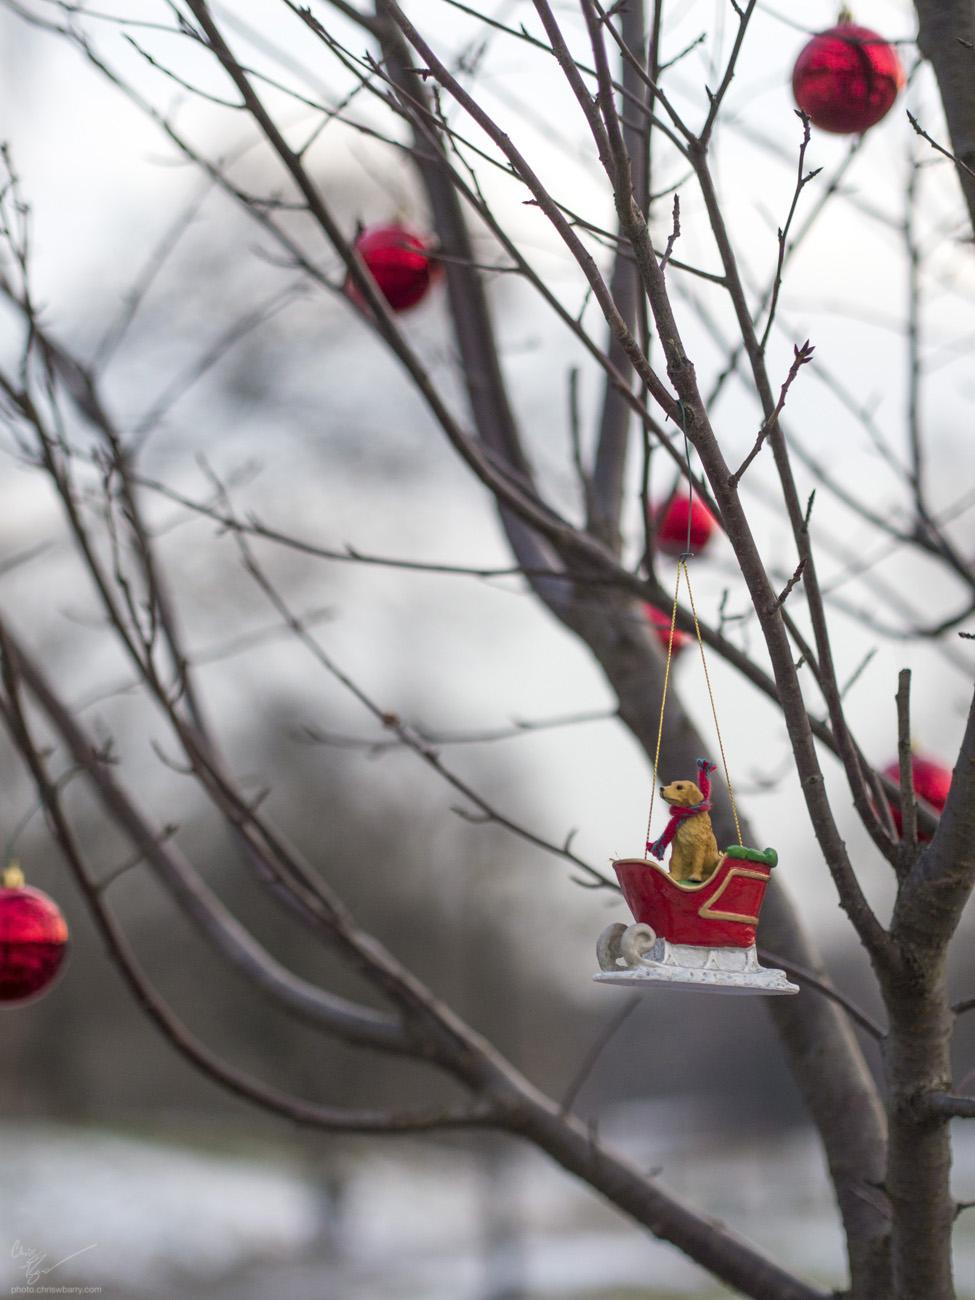 12-17-17: Ornaments